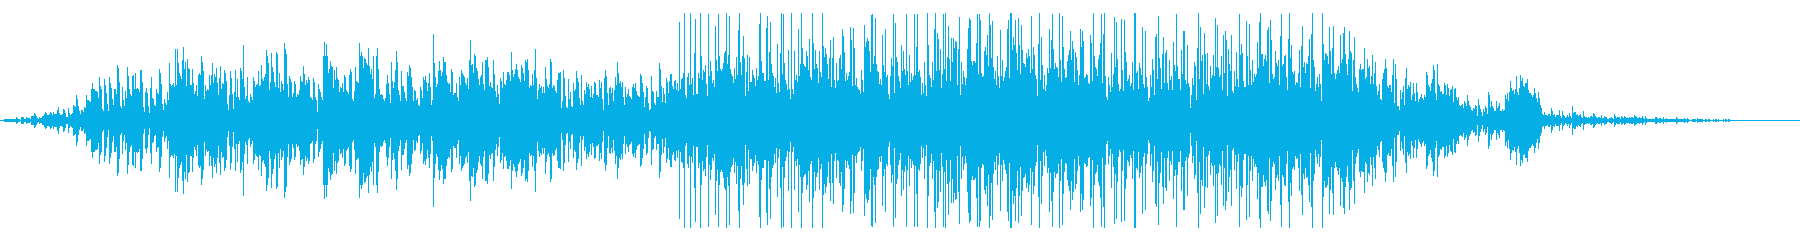 短くサラッと聴ける日本語のサンバ楽曲の再生済みの波形